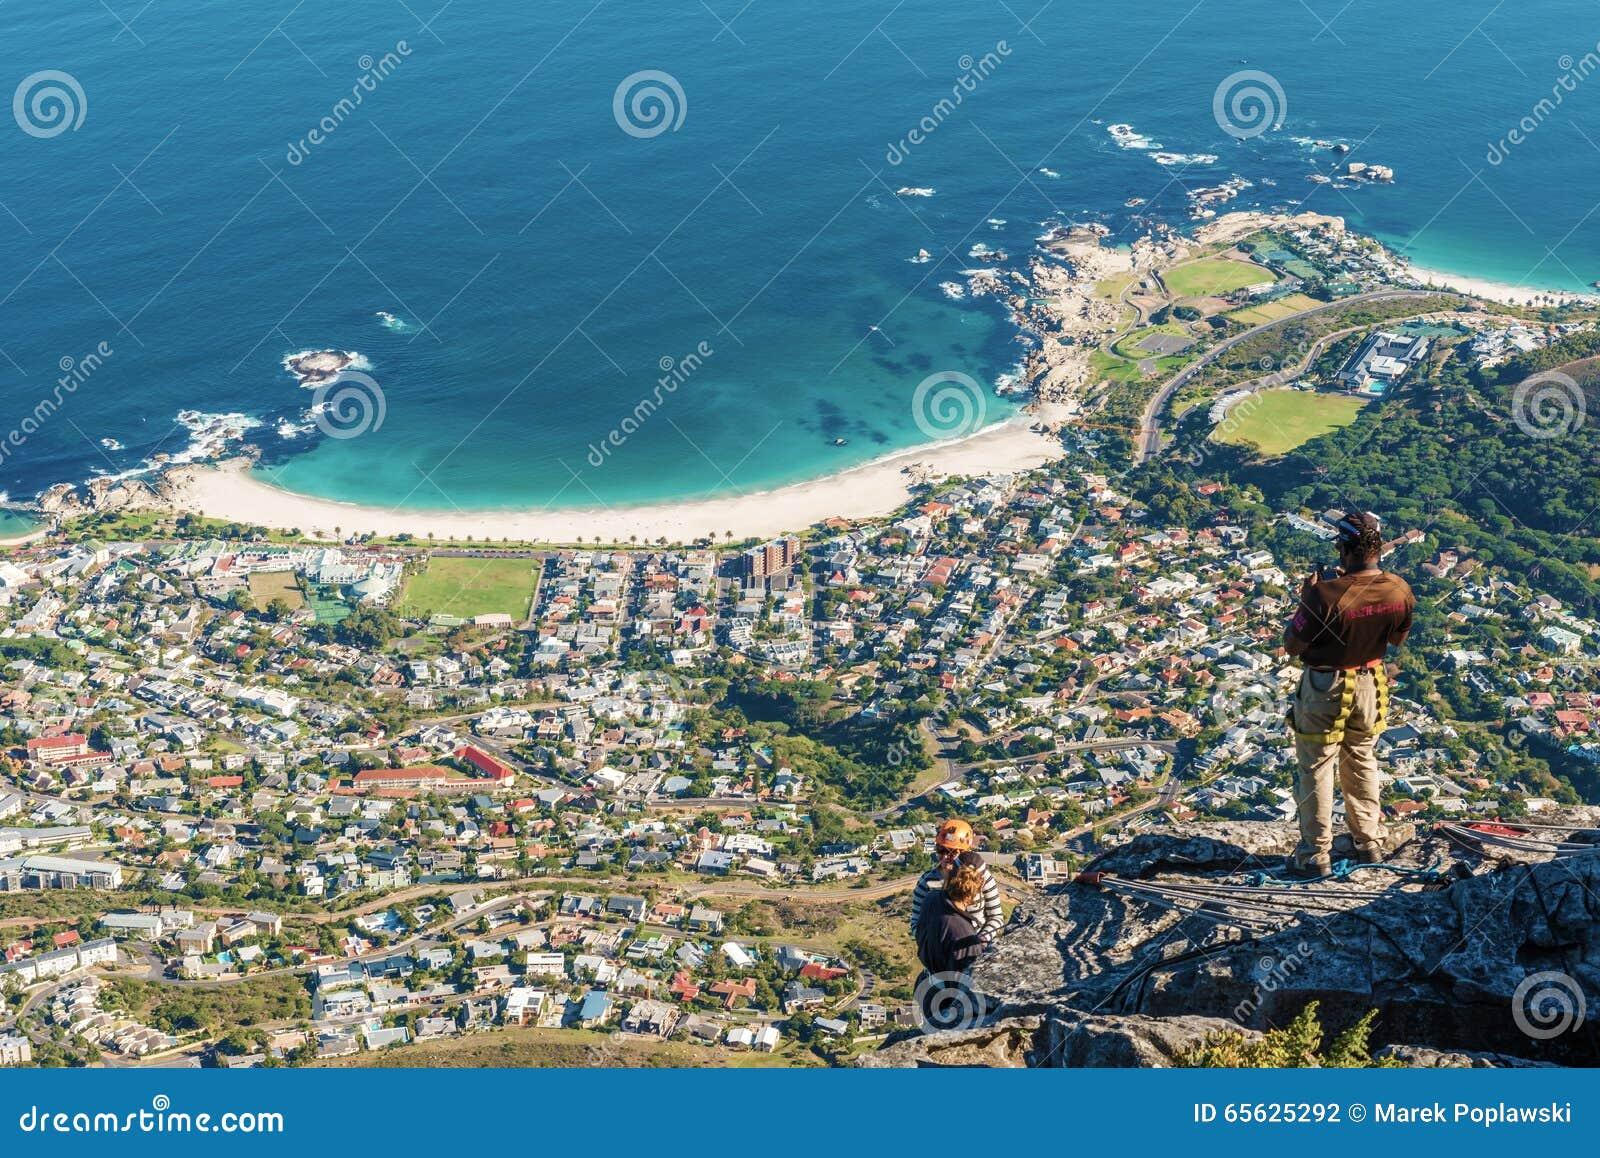 Baie de camps, Cape Town, Afrique du Sud